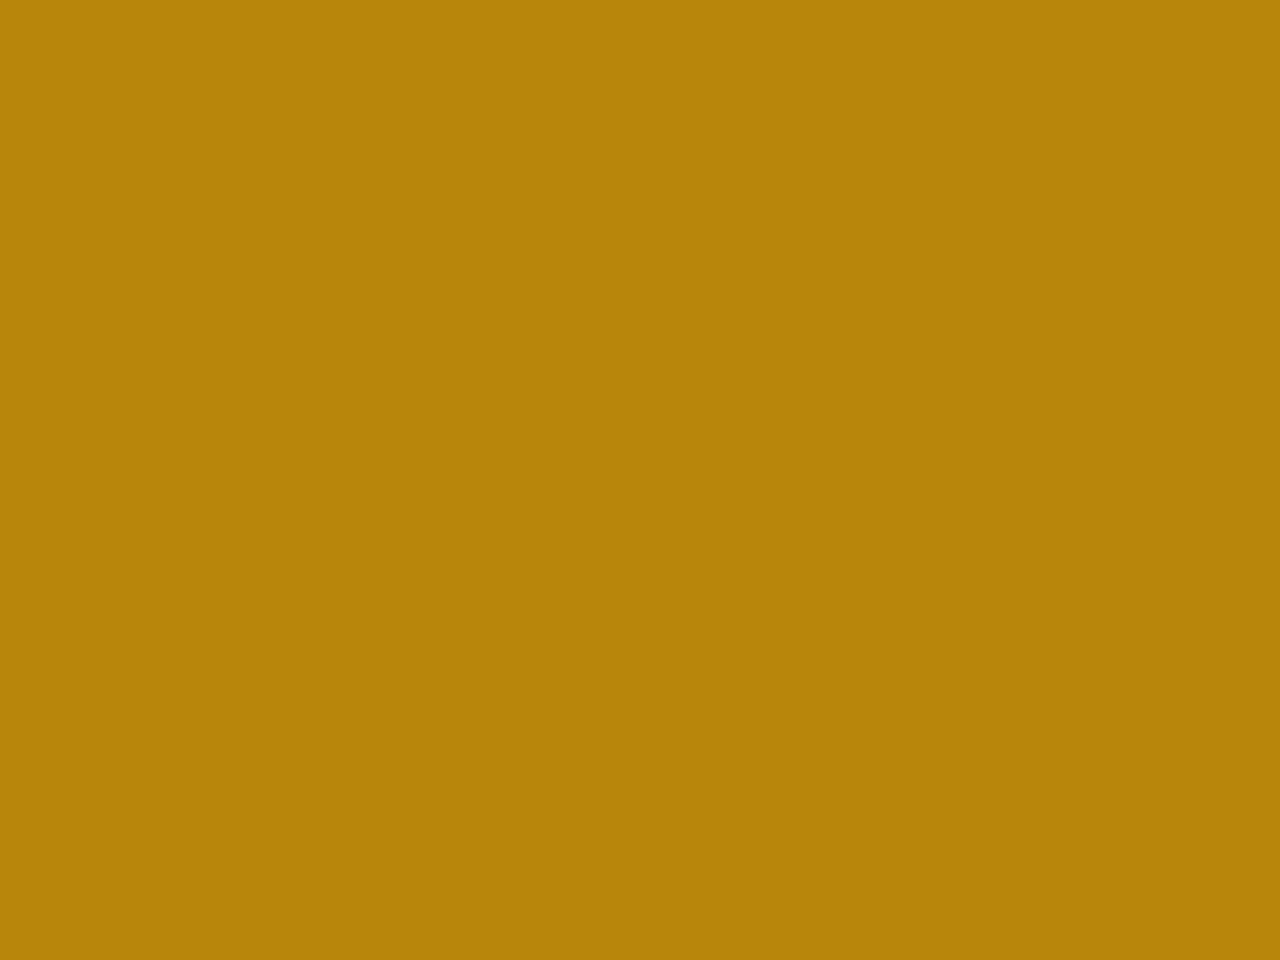 1280x960 Dark Goldenrod Solid Color Background